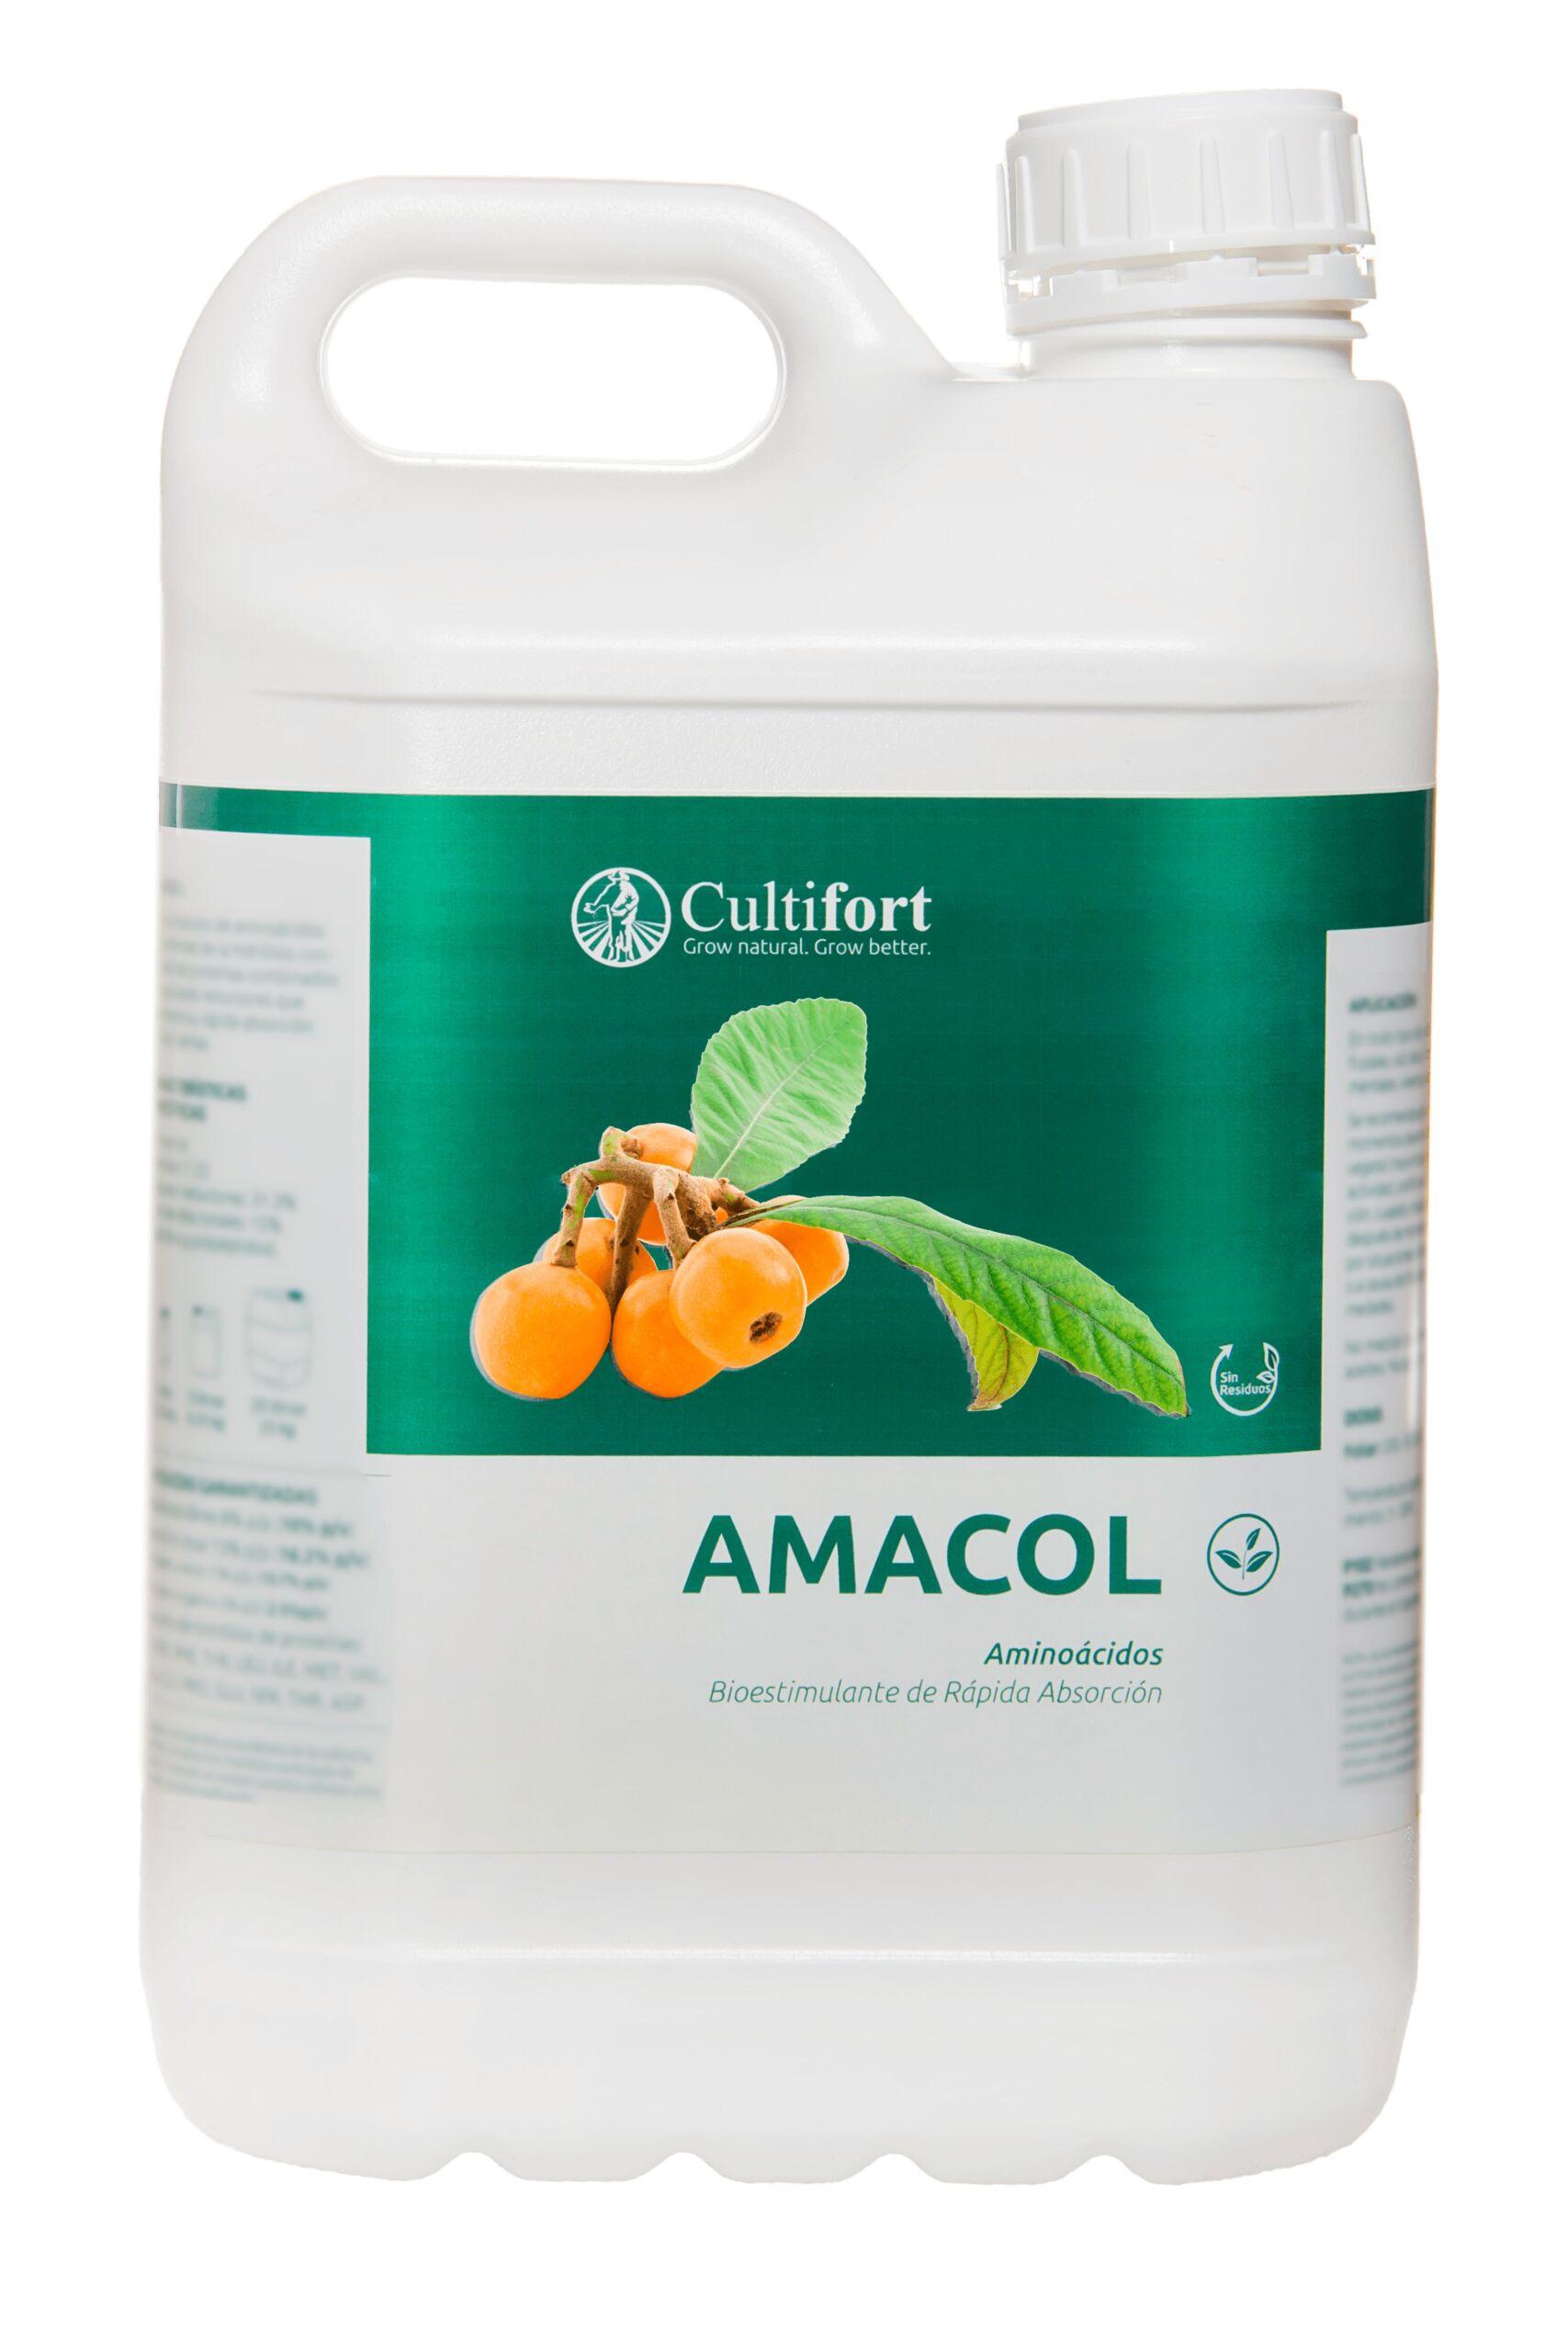 AMACOL 5l